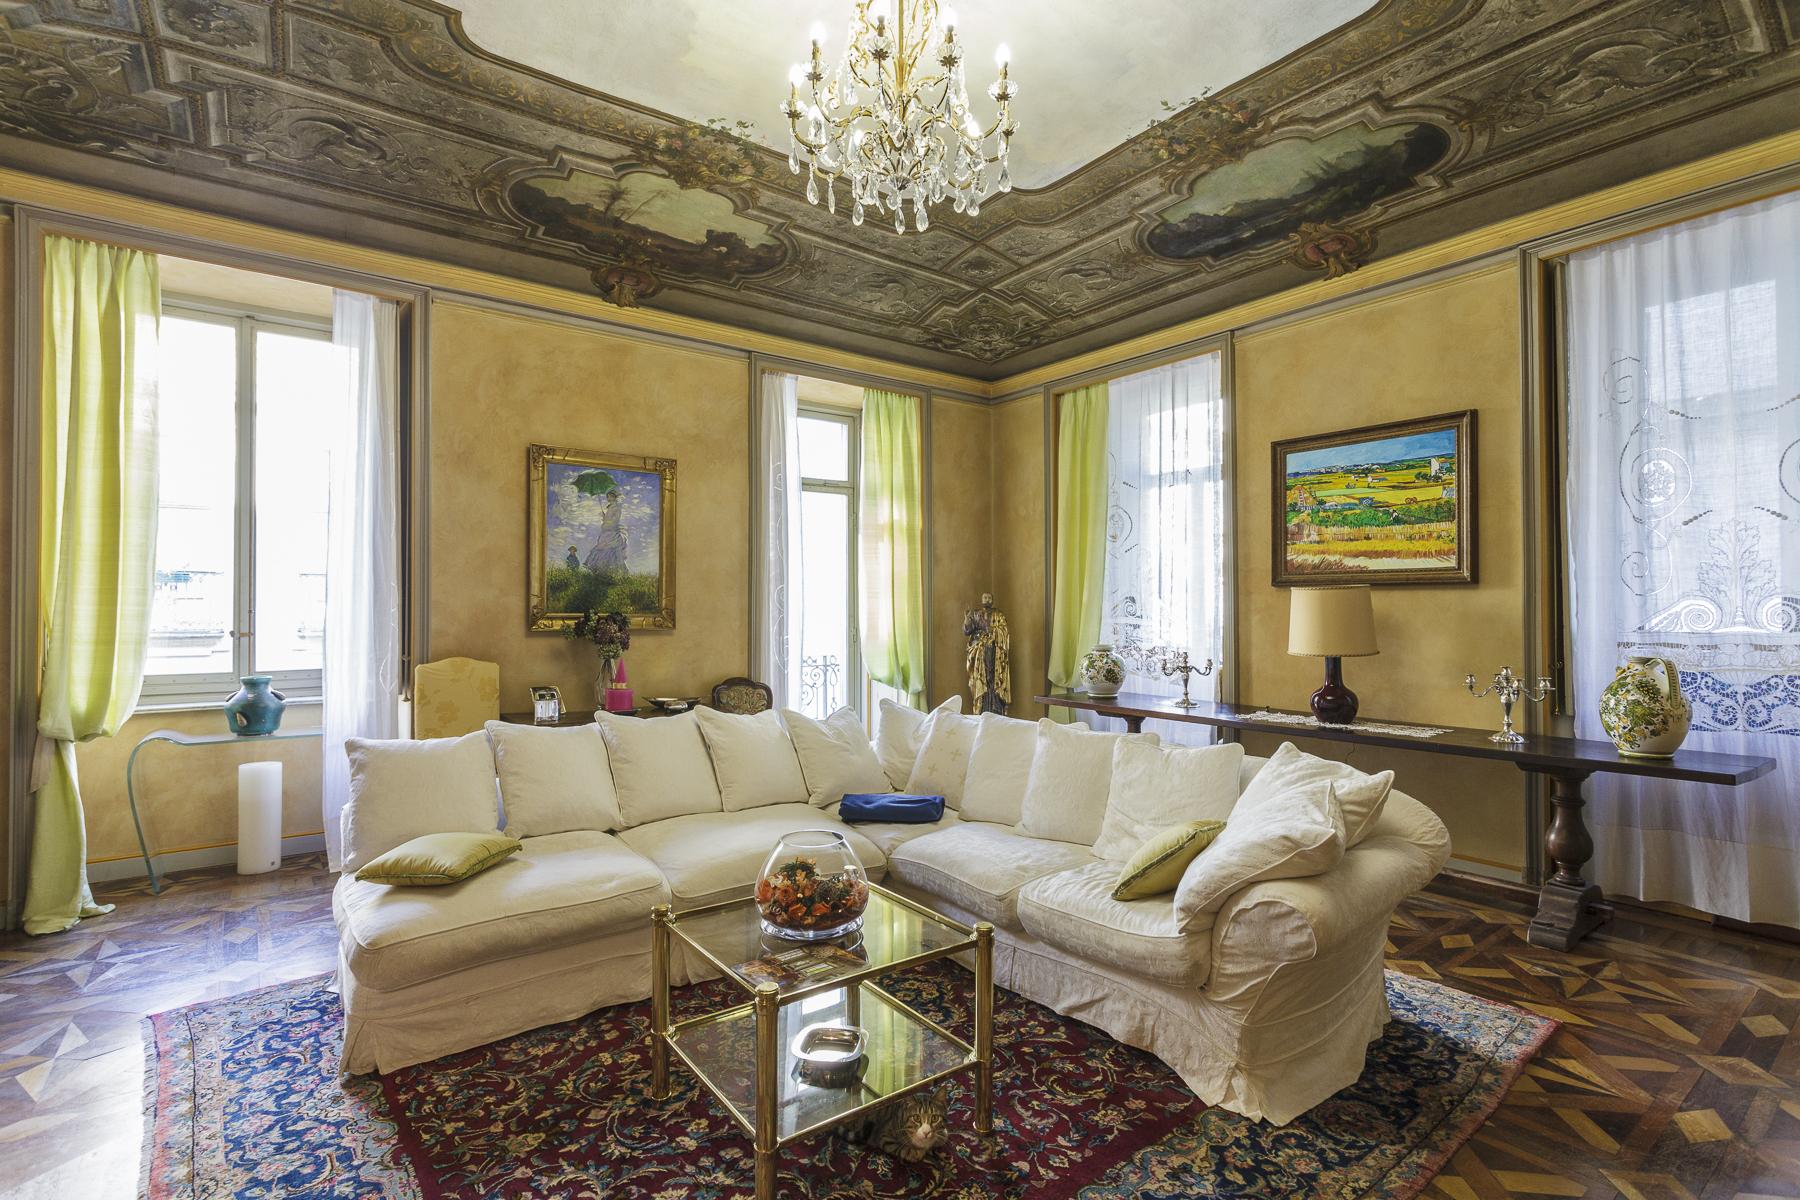 Appartamento in Vendita a Torino: 5 locali, 320 mq - Foto 1